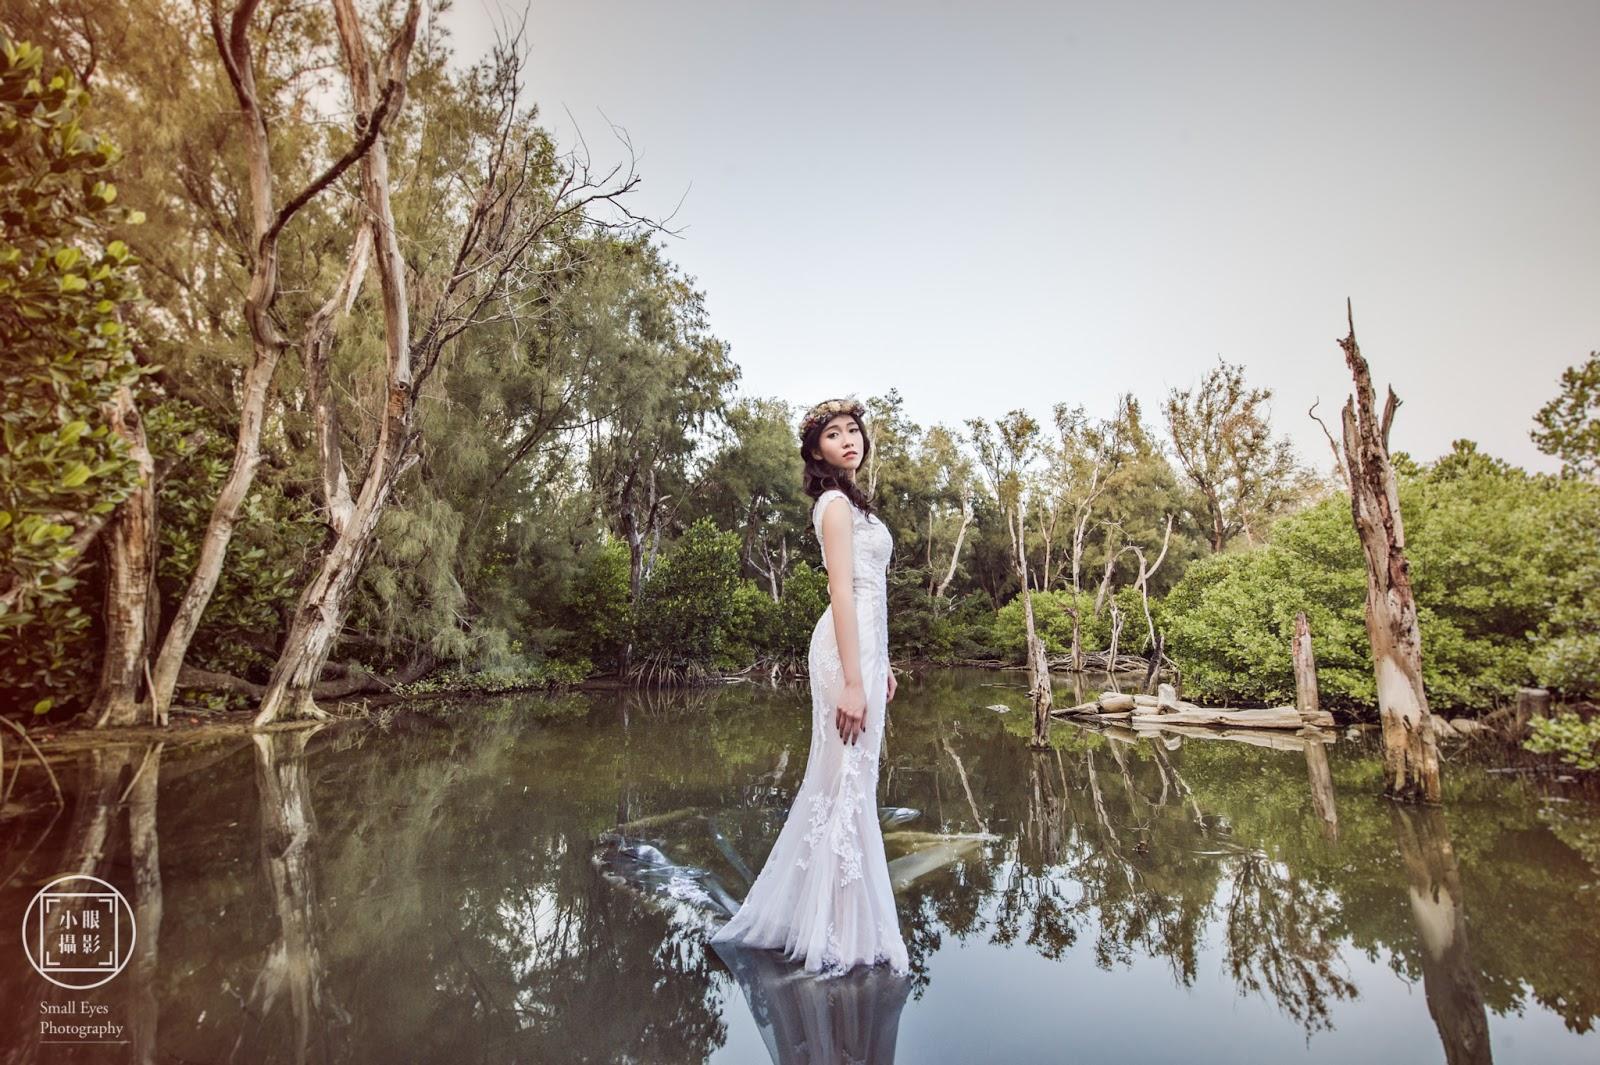 婚禮攝影,婚禮紀錄,婚攝,婚紗,自助婚紗,自主婚紗,風格婚紗,寫真